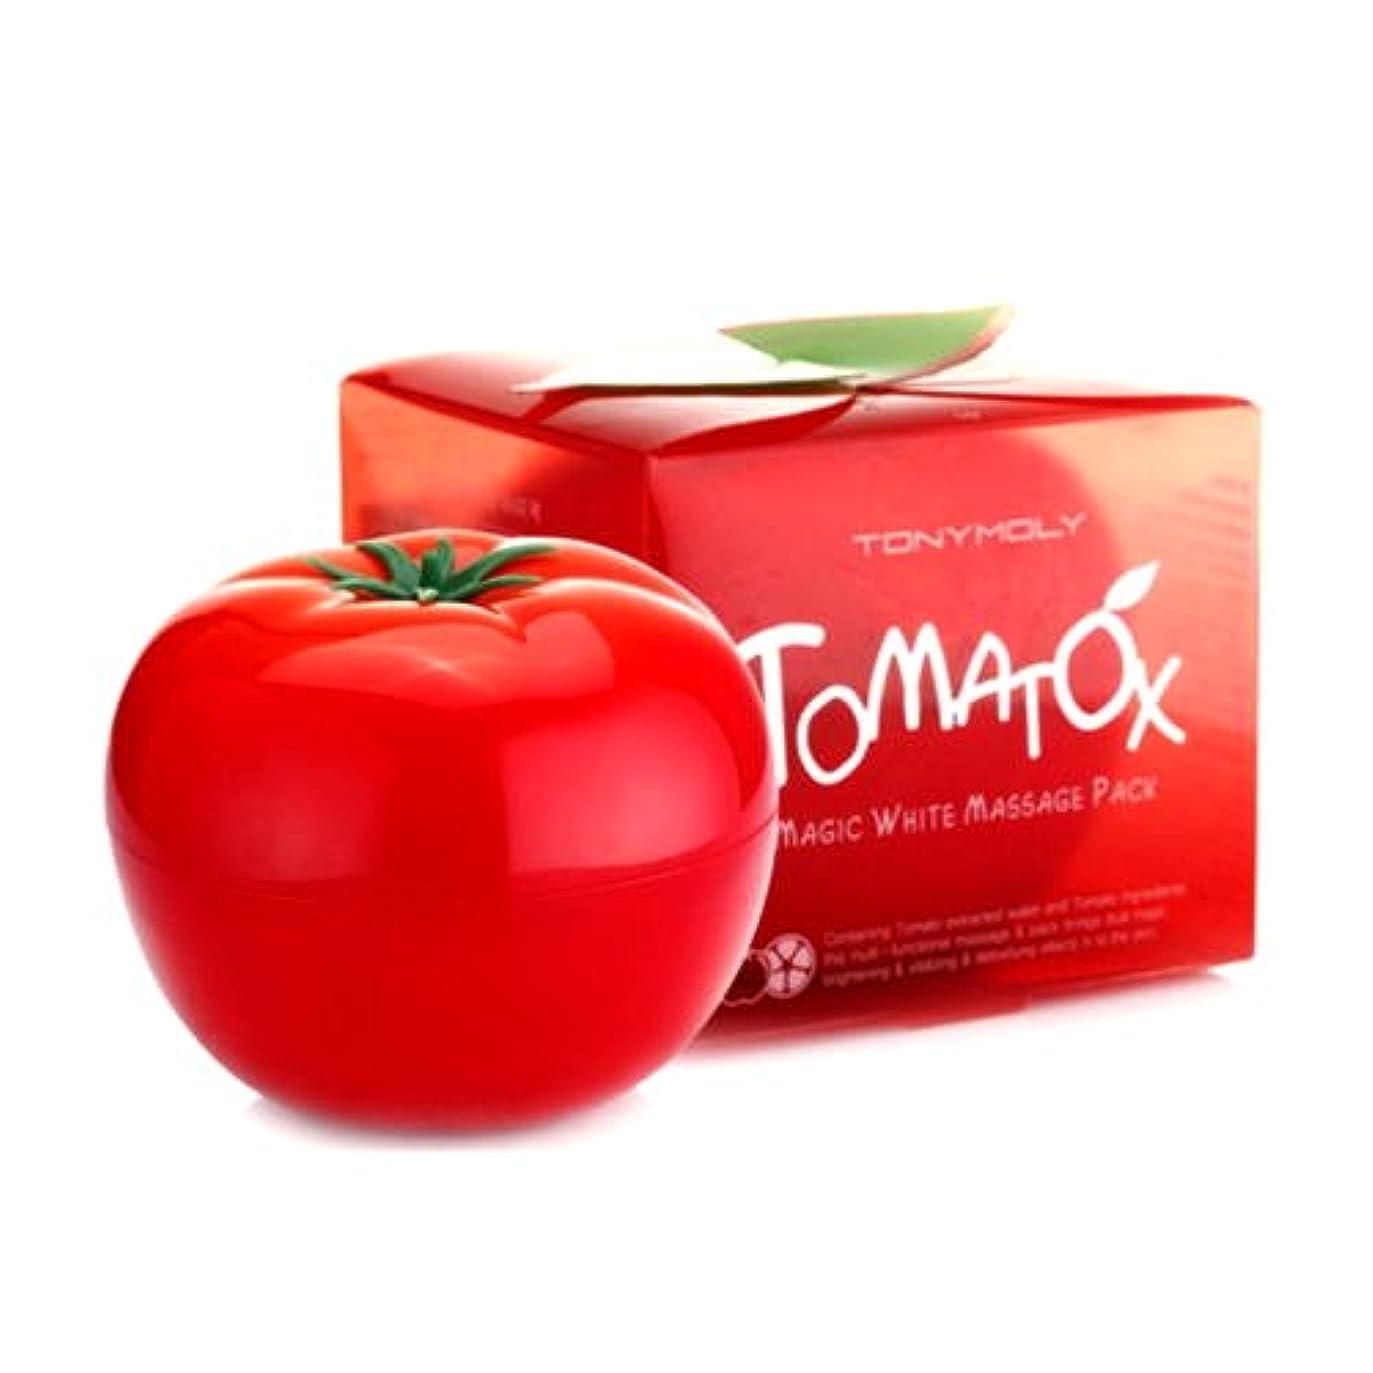 動く避けられない叫ぶ(3 Pack) TONYMOLY Tomatox Magic Massage Pack (並行輸入品)